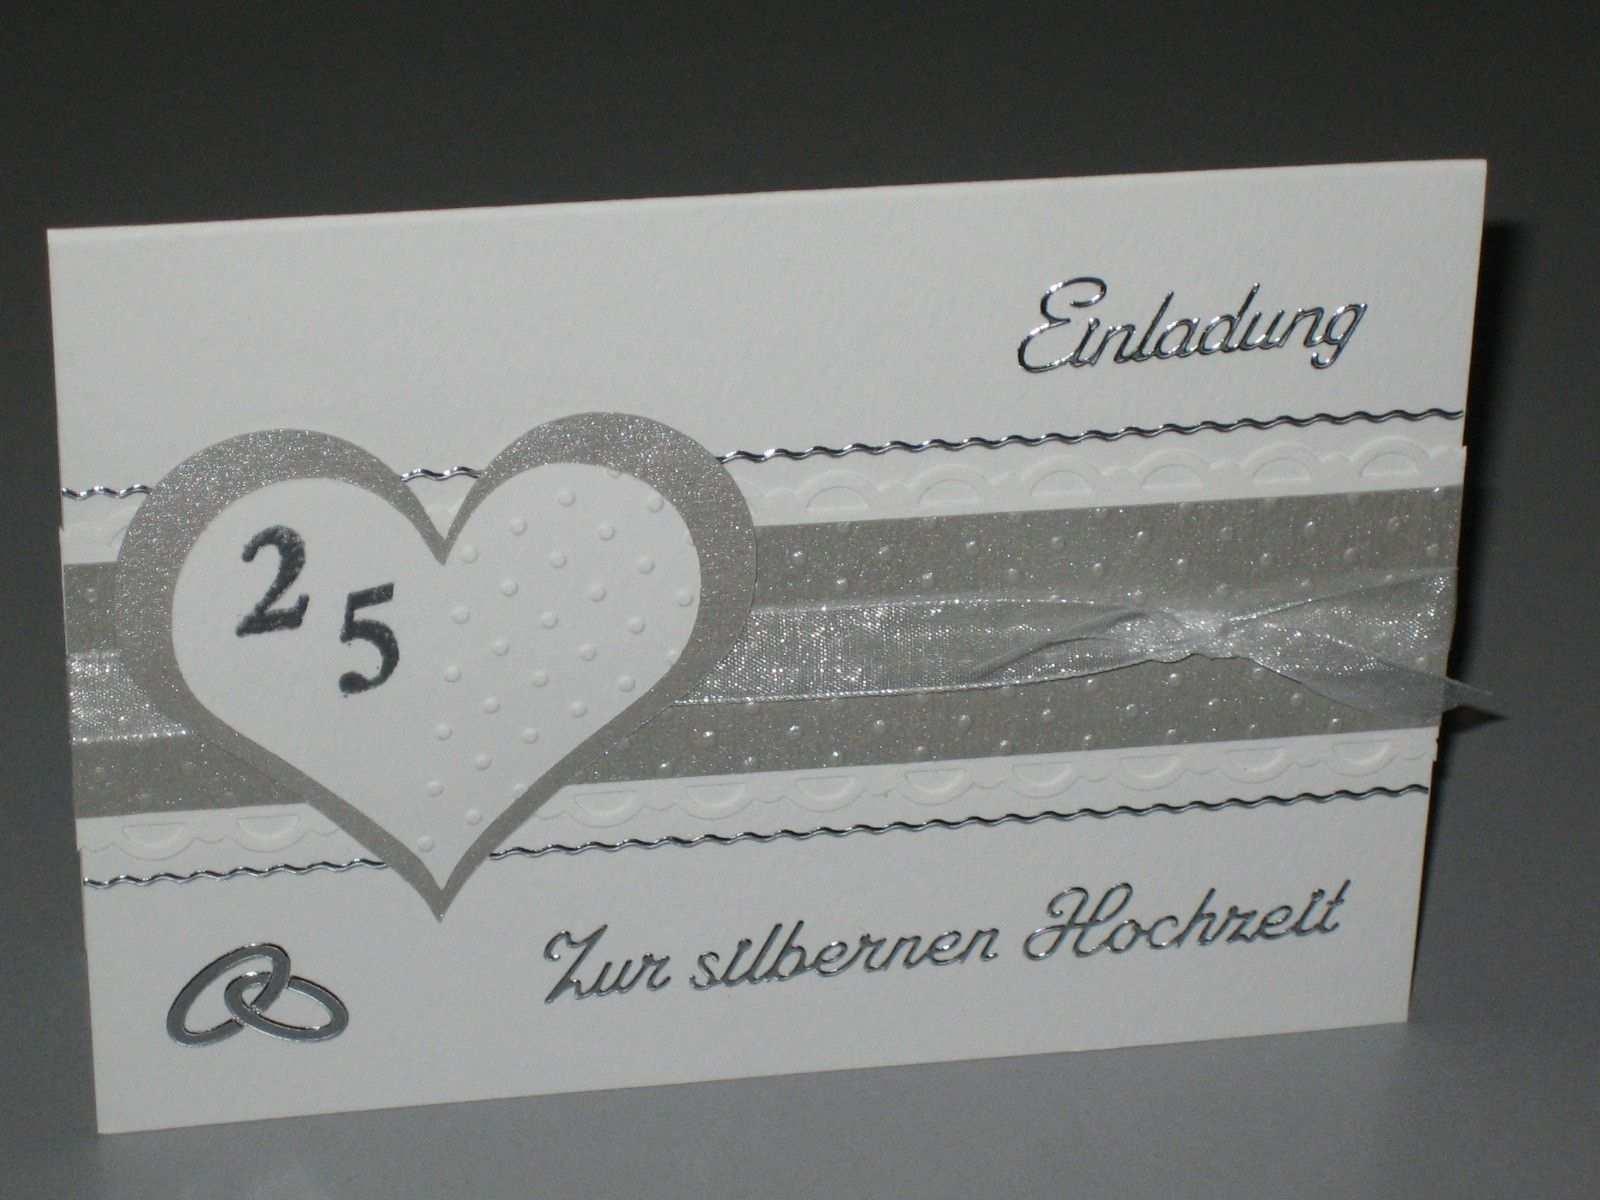 Einladungskarten Silberhochzeit Einladungskarten Silberhochzeit Einladung Silberhochzeit Einladungen